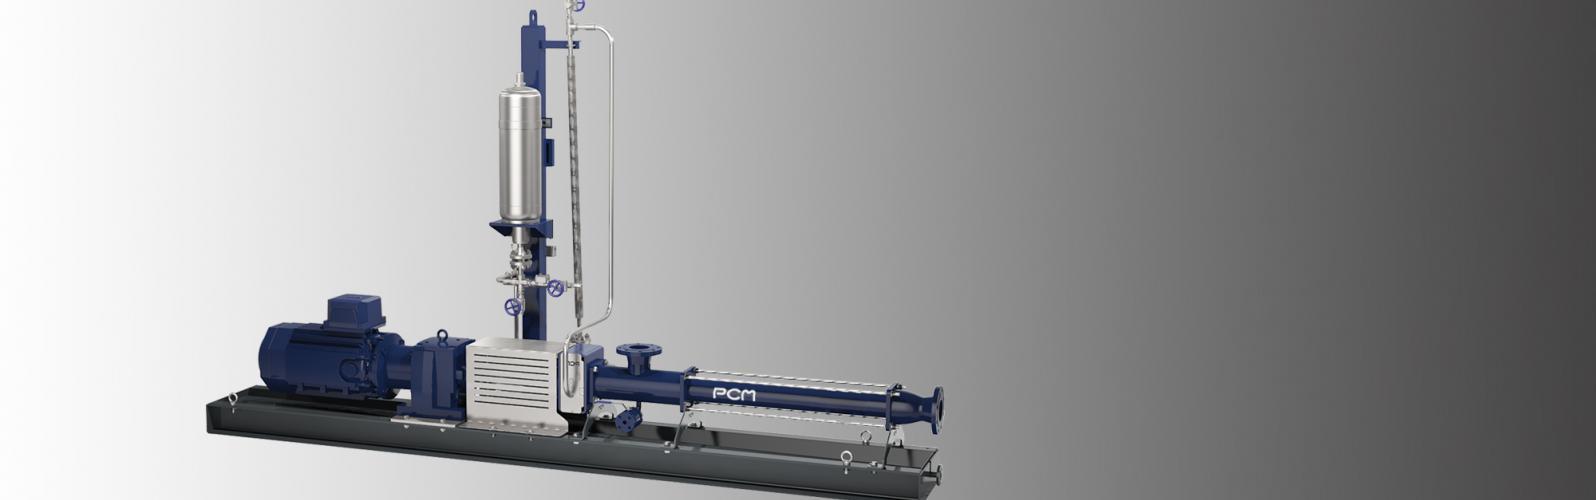 PCM, su principal proveedor de soluciones de bombeo para la industría del petroleo y gas